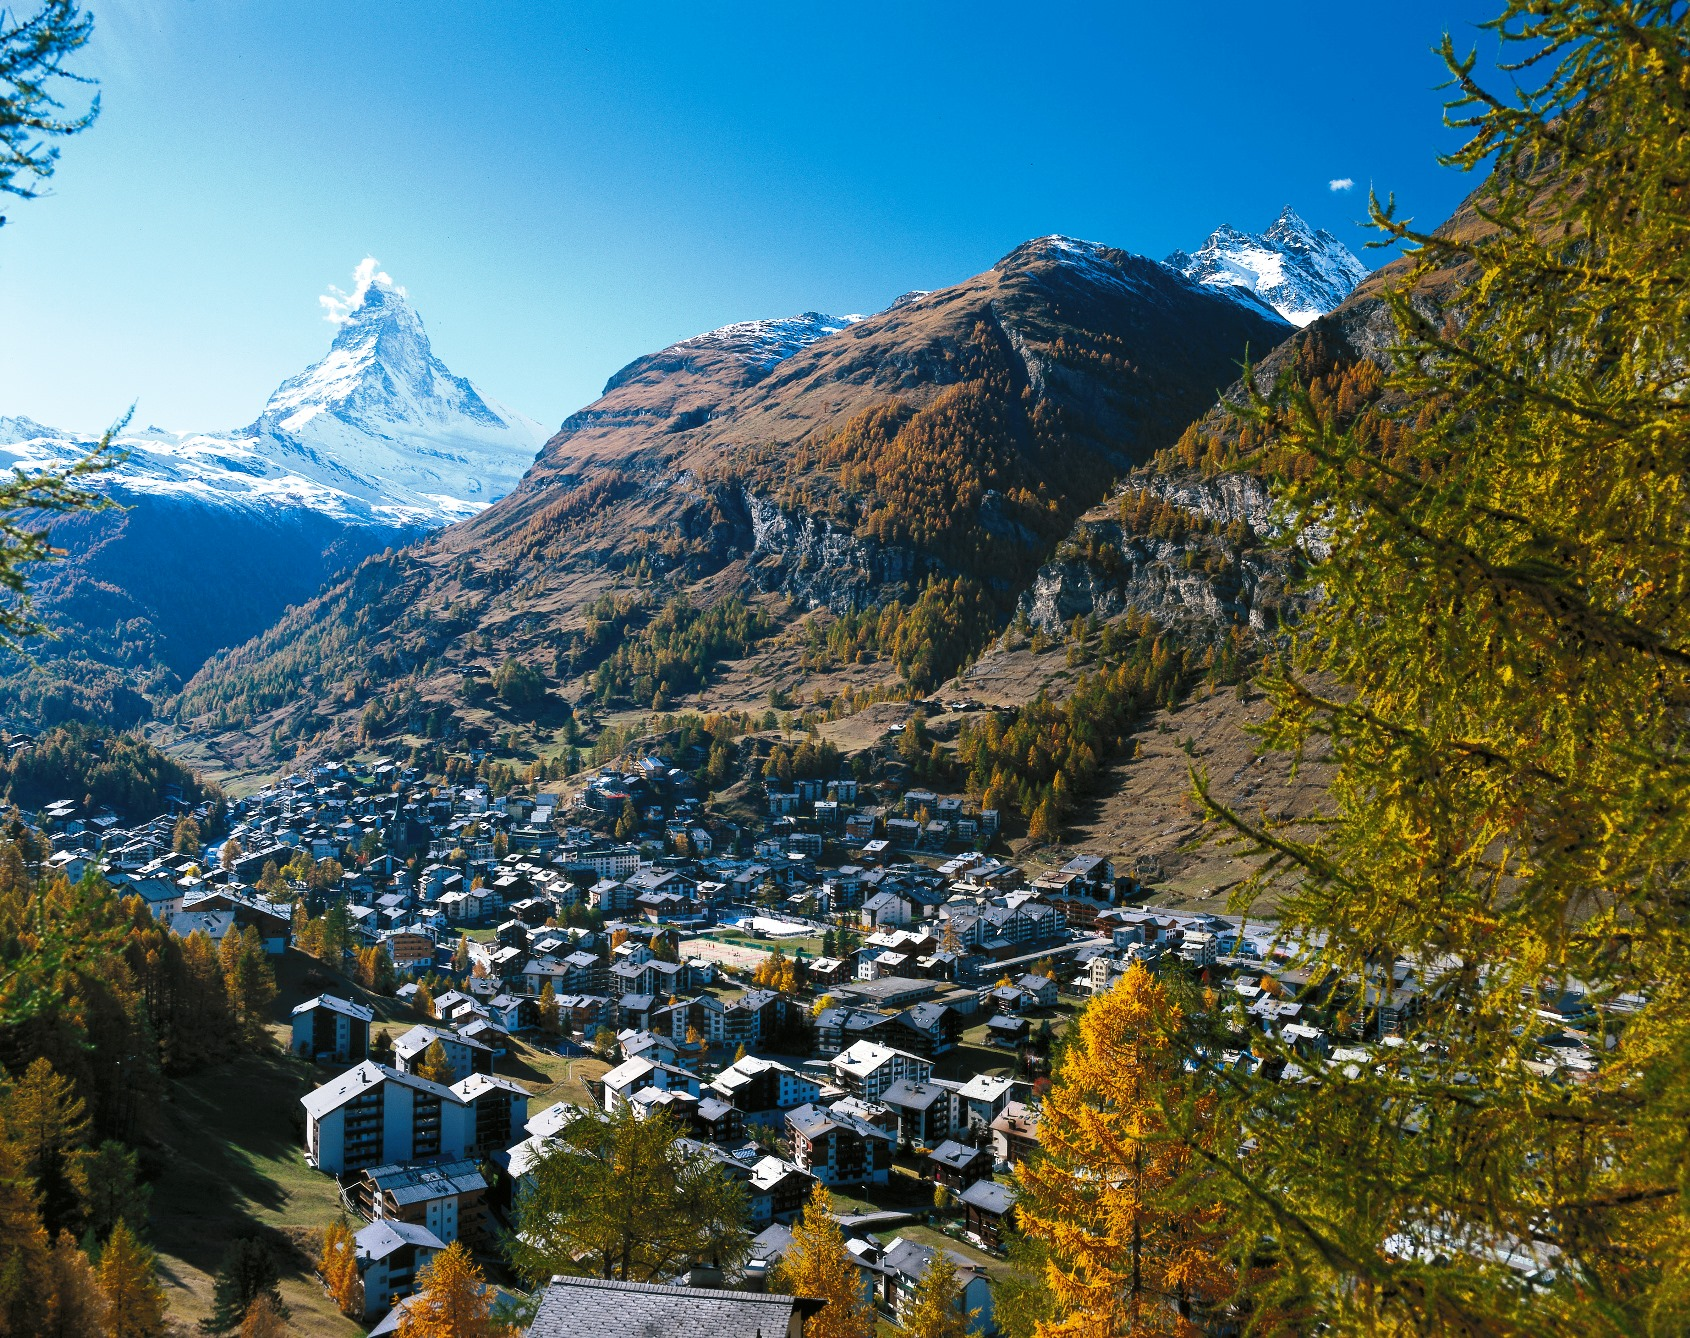 ツェルマットの街と名峰マッターホルン